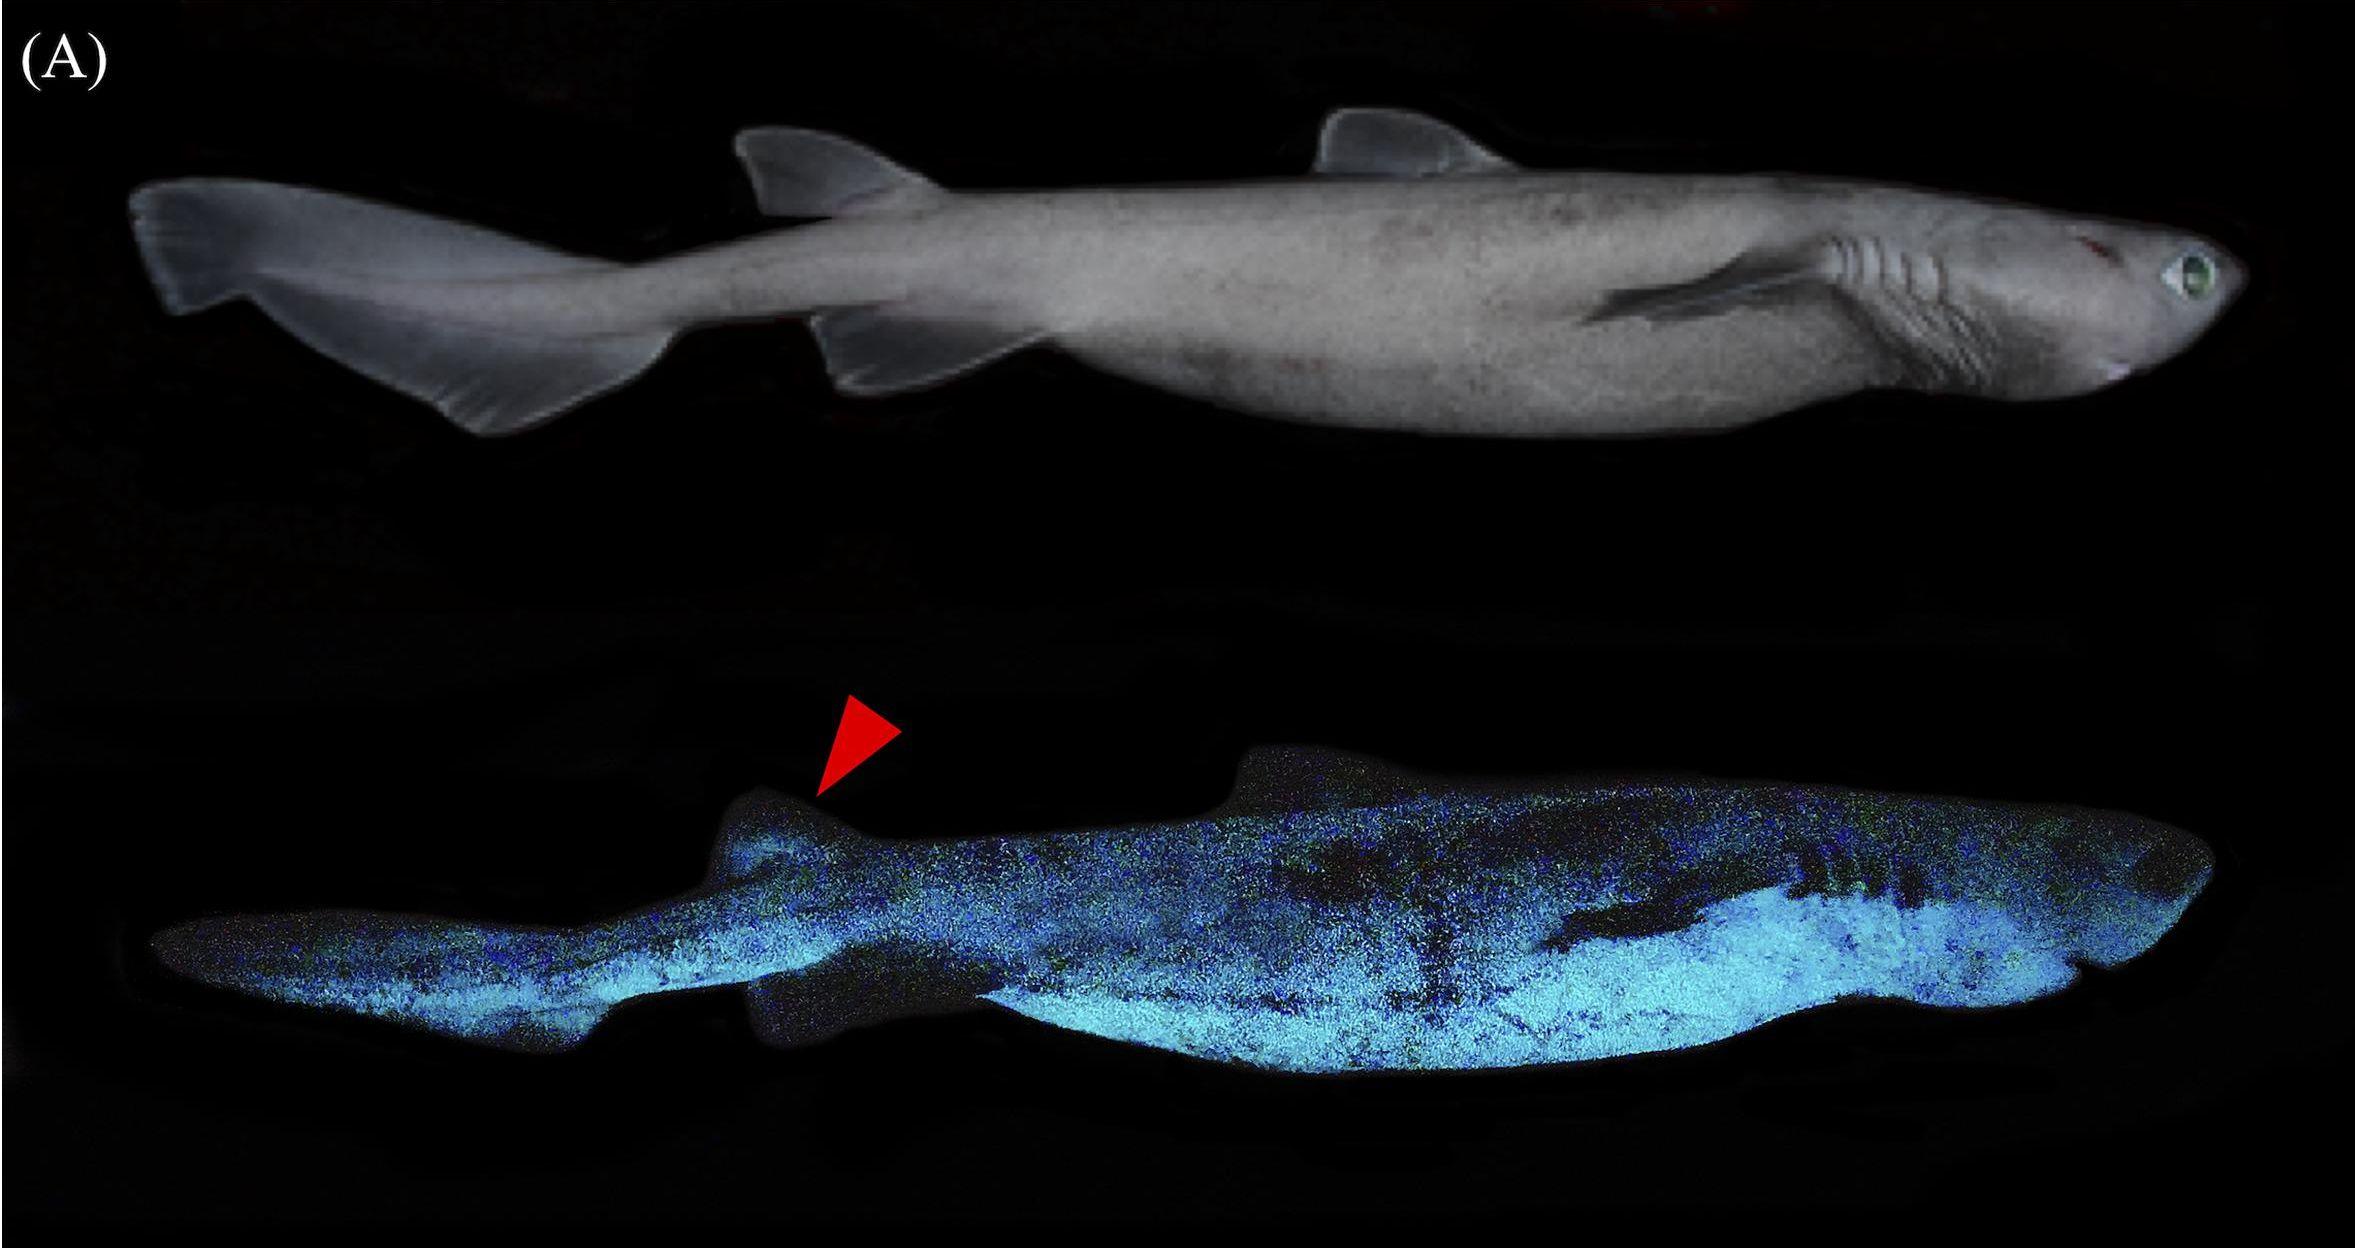 A sötétben világító mélytengeri cápákat fedeztek fel belga és új-zélandi kutatók